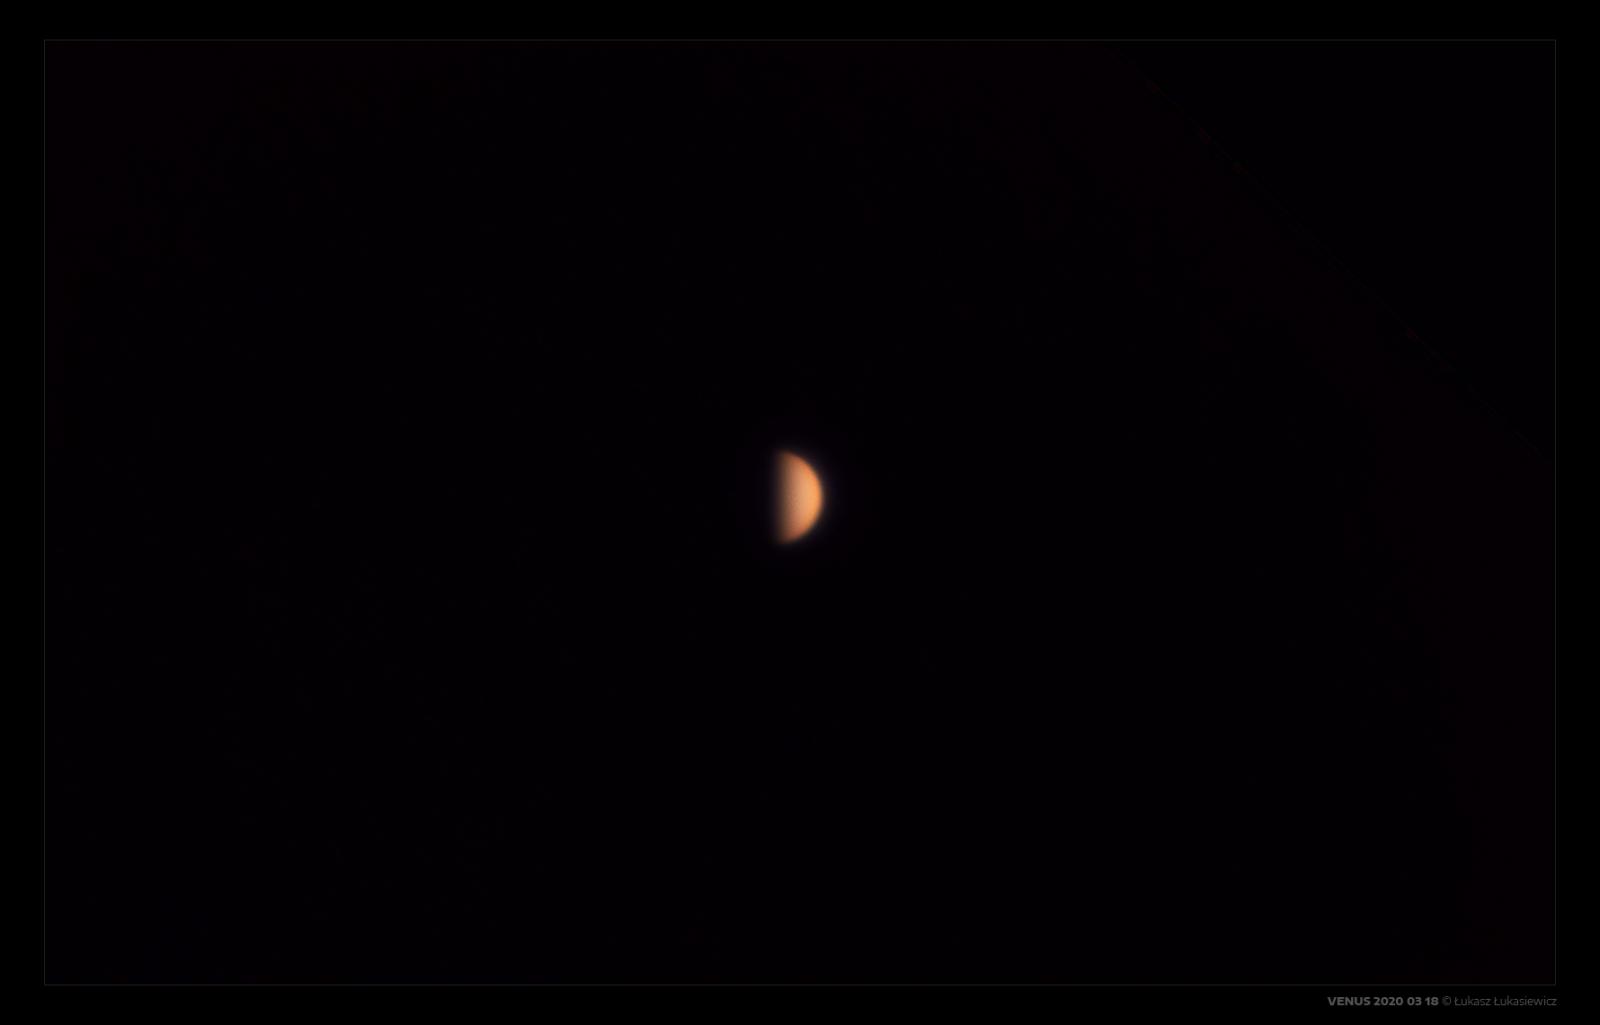 VENUS-2020-03-18.png